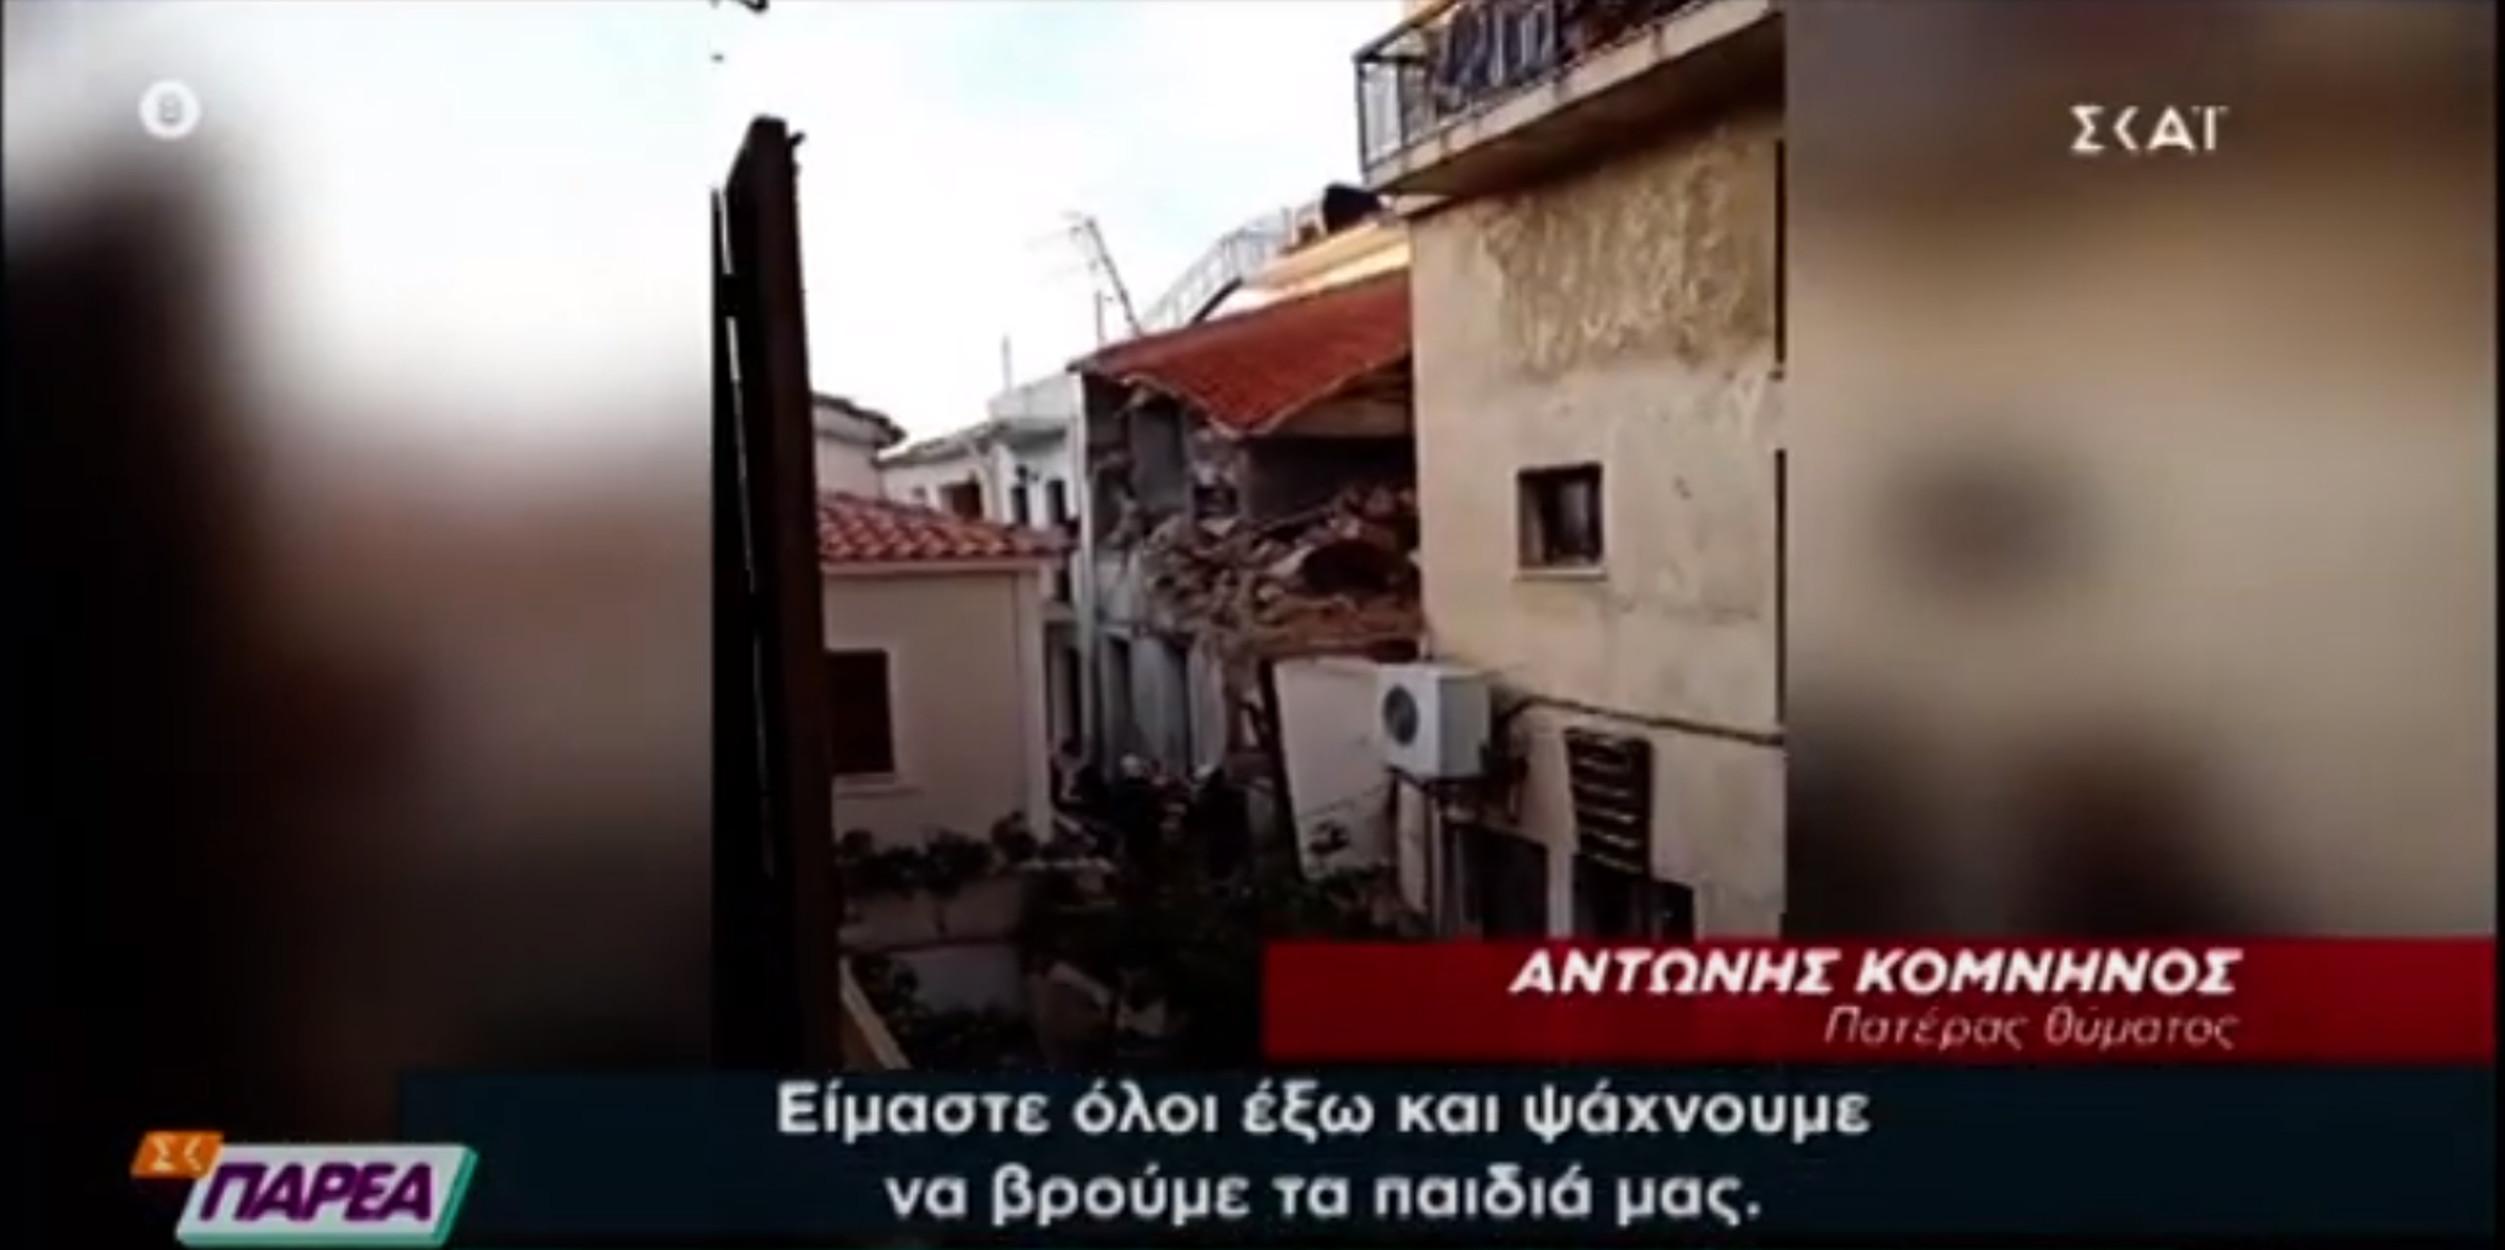 Σεισμός στην Σάμο: Μιλούσε στην τηλεόραση για τις καταστροφές και μετά από λίγο… βρέθηκε νεκρό το παιδί του! (video)